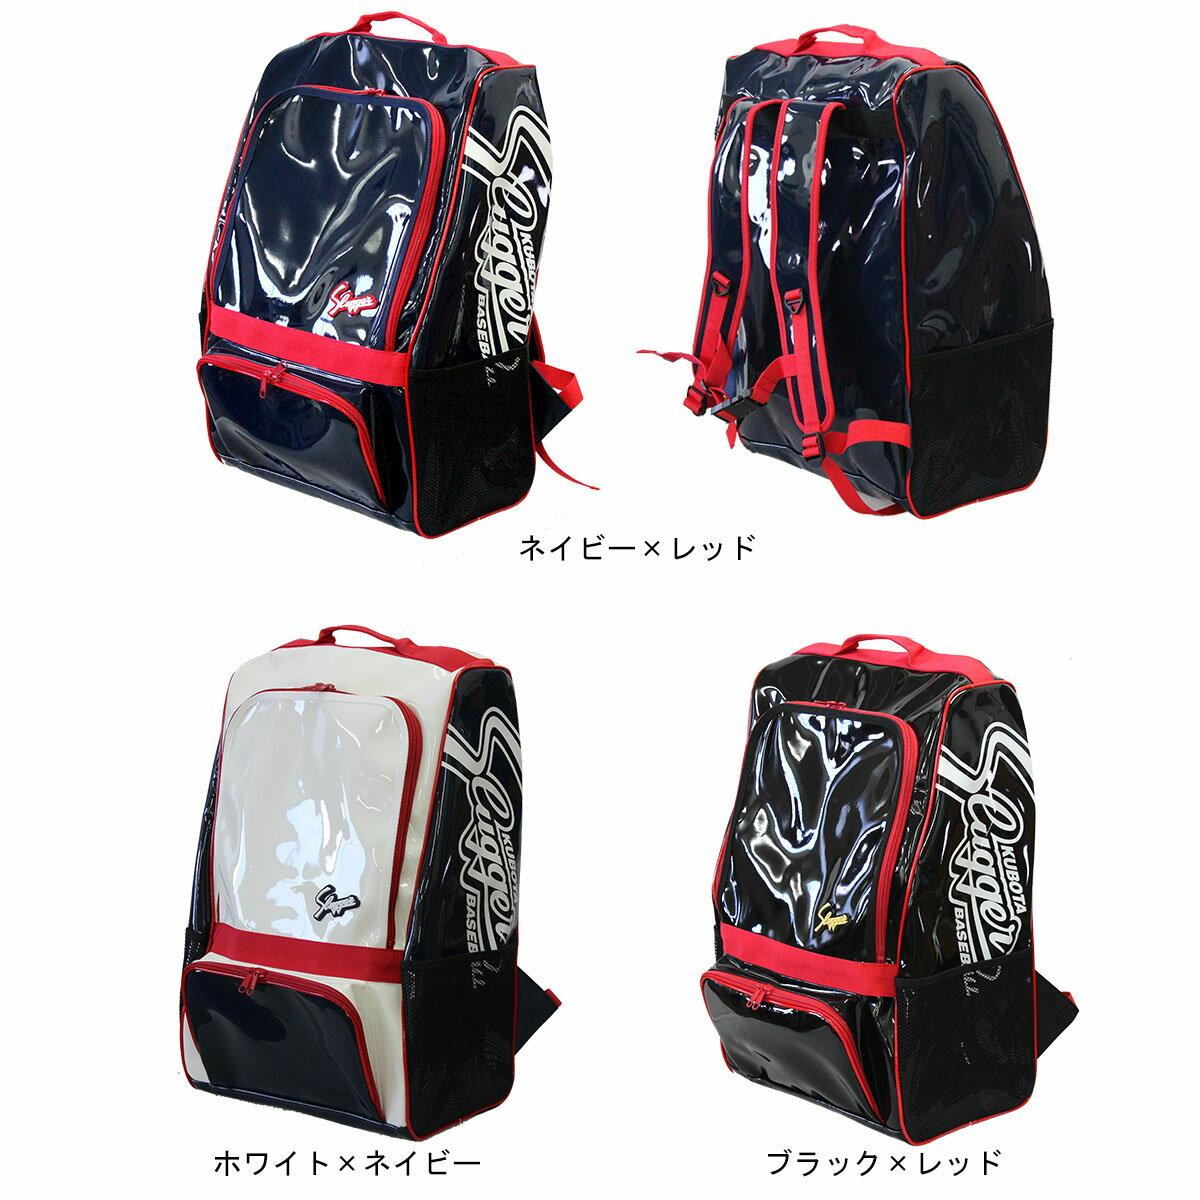 久保田スラッガー バックパック T-800 遠征バッグ 野球部 リュック バッグ バック 野球用品 スワロースポーツ